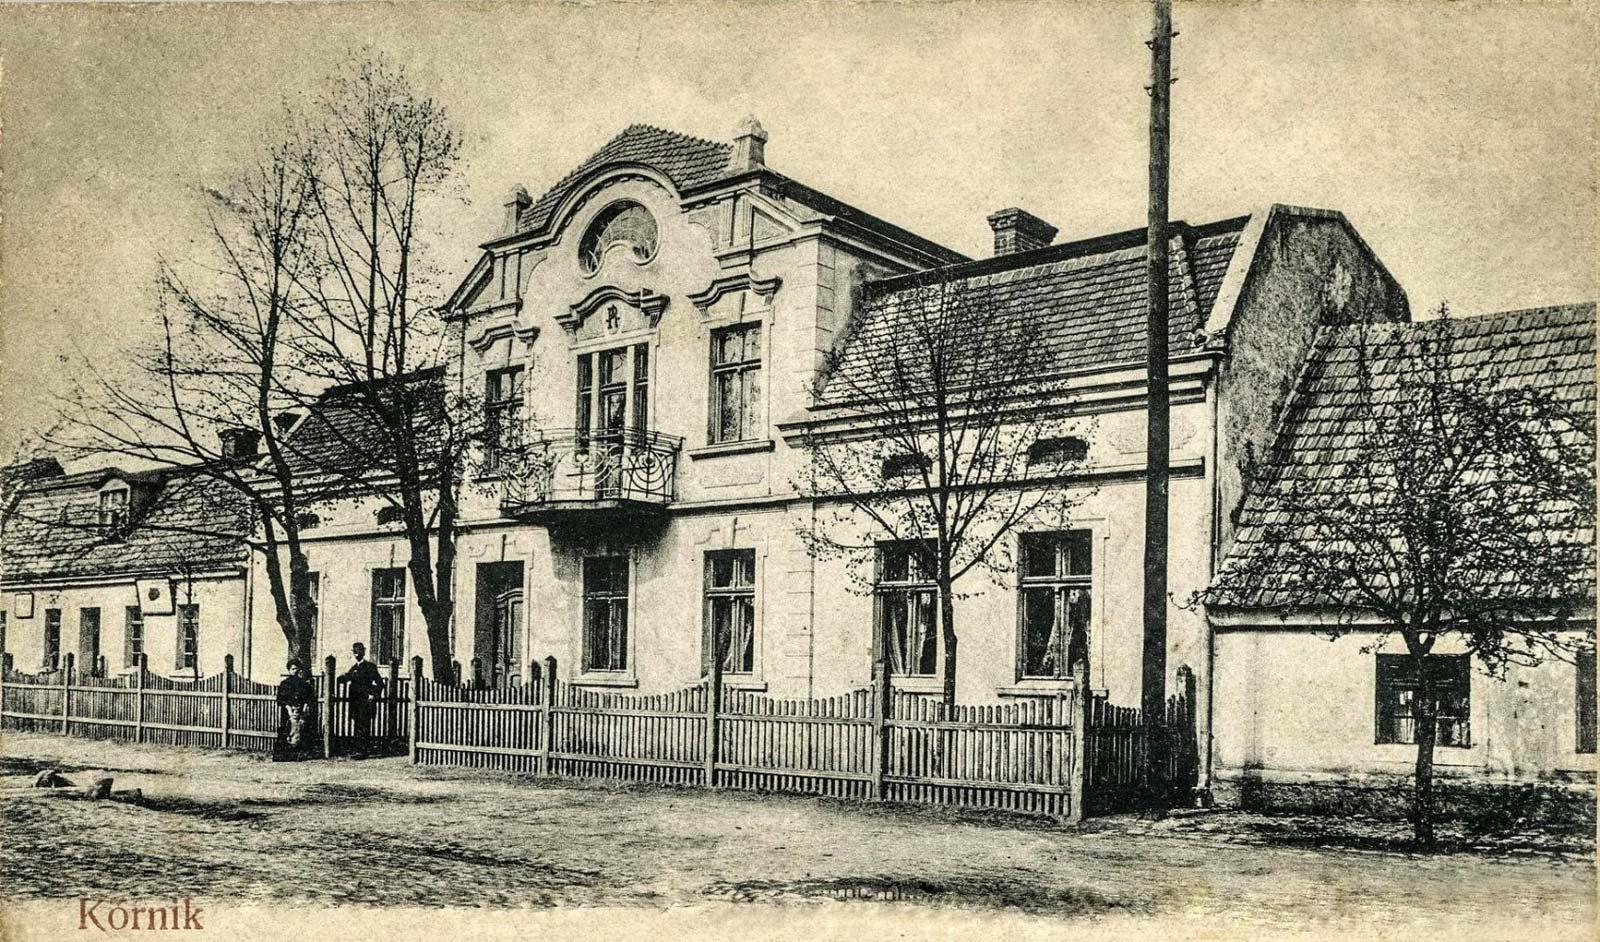 Antoni Ruczyński - Kórnik 1911